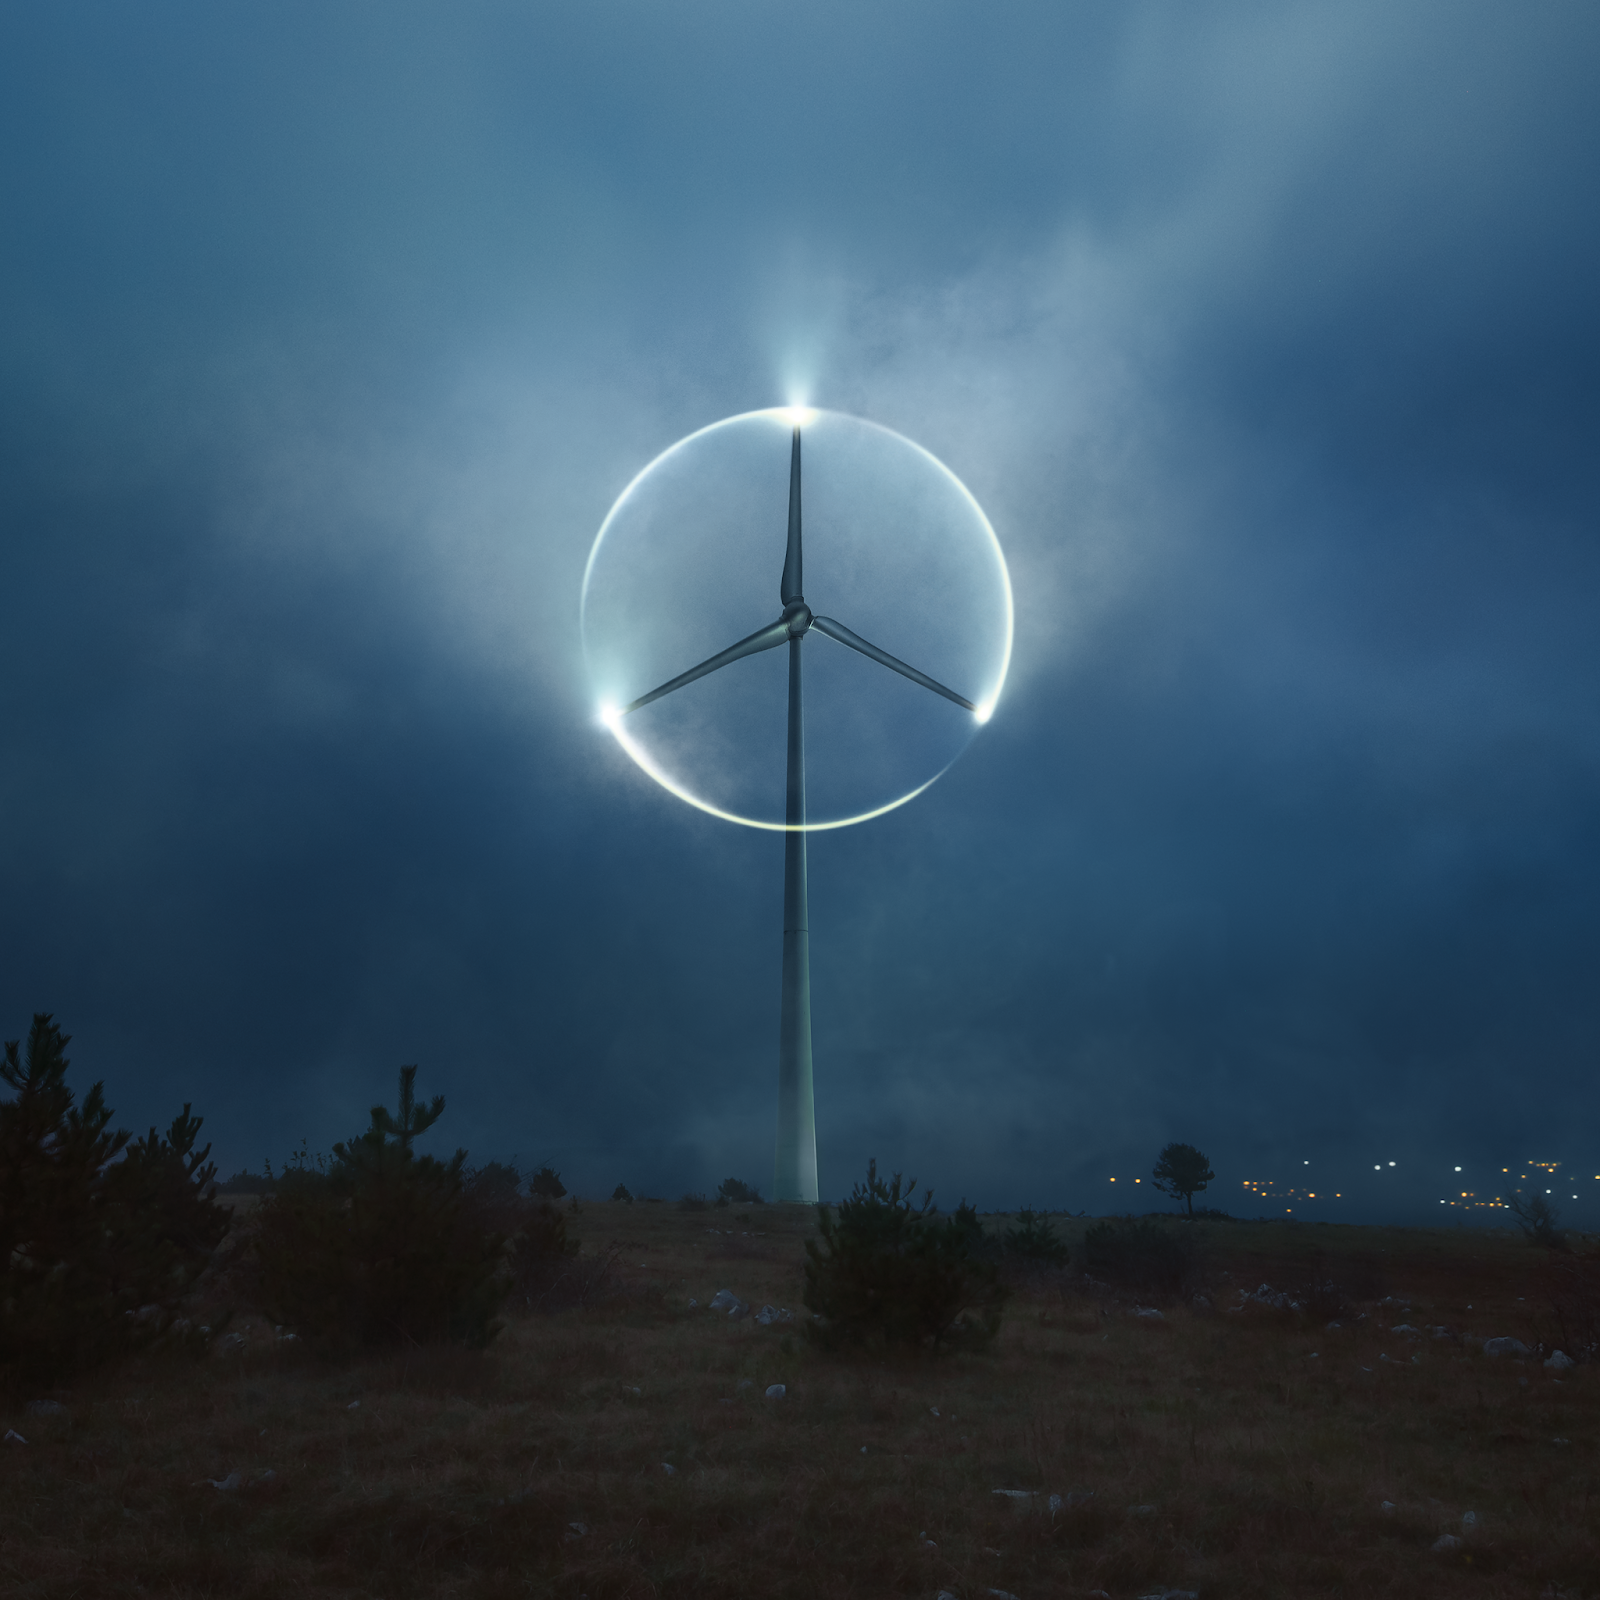 Mercedes-Benz : Θα προμηθεύεται ηλεκτρισμό χωρίς CO2 από το 2022